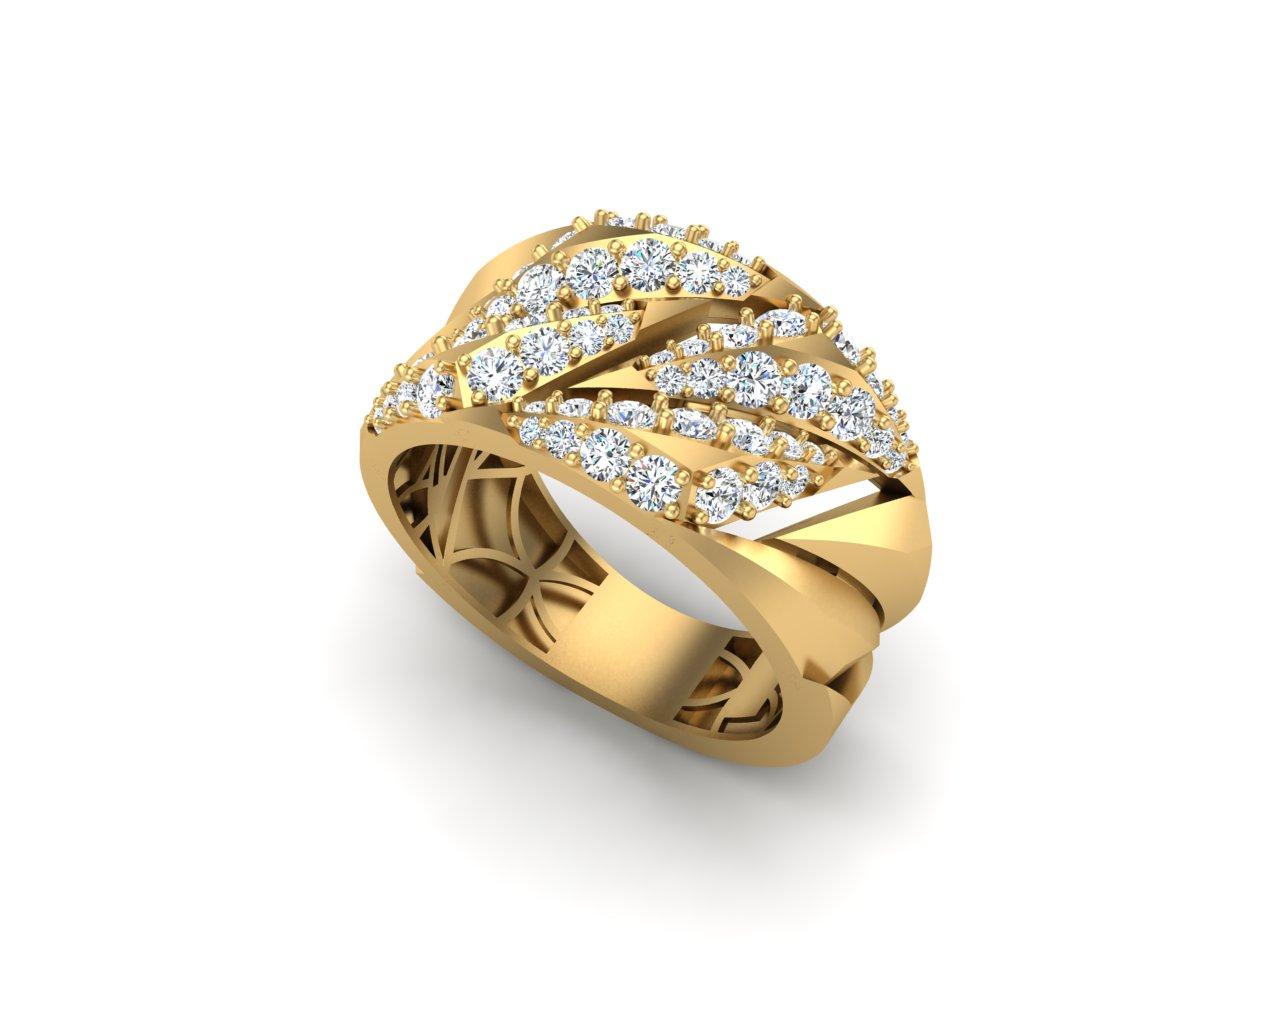 آموزش ماتریکس,طراحی طلا و جواهر با رایانه,طراحی جواهرات با رایانه,آموزش نرم افزار ماتریکس